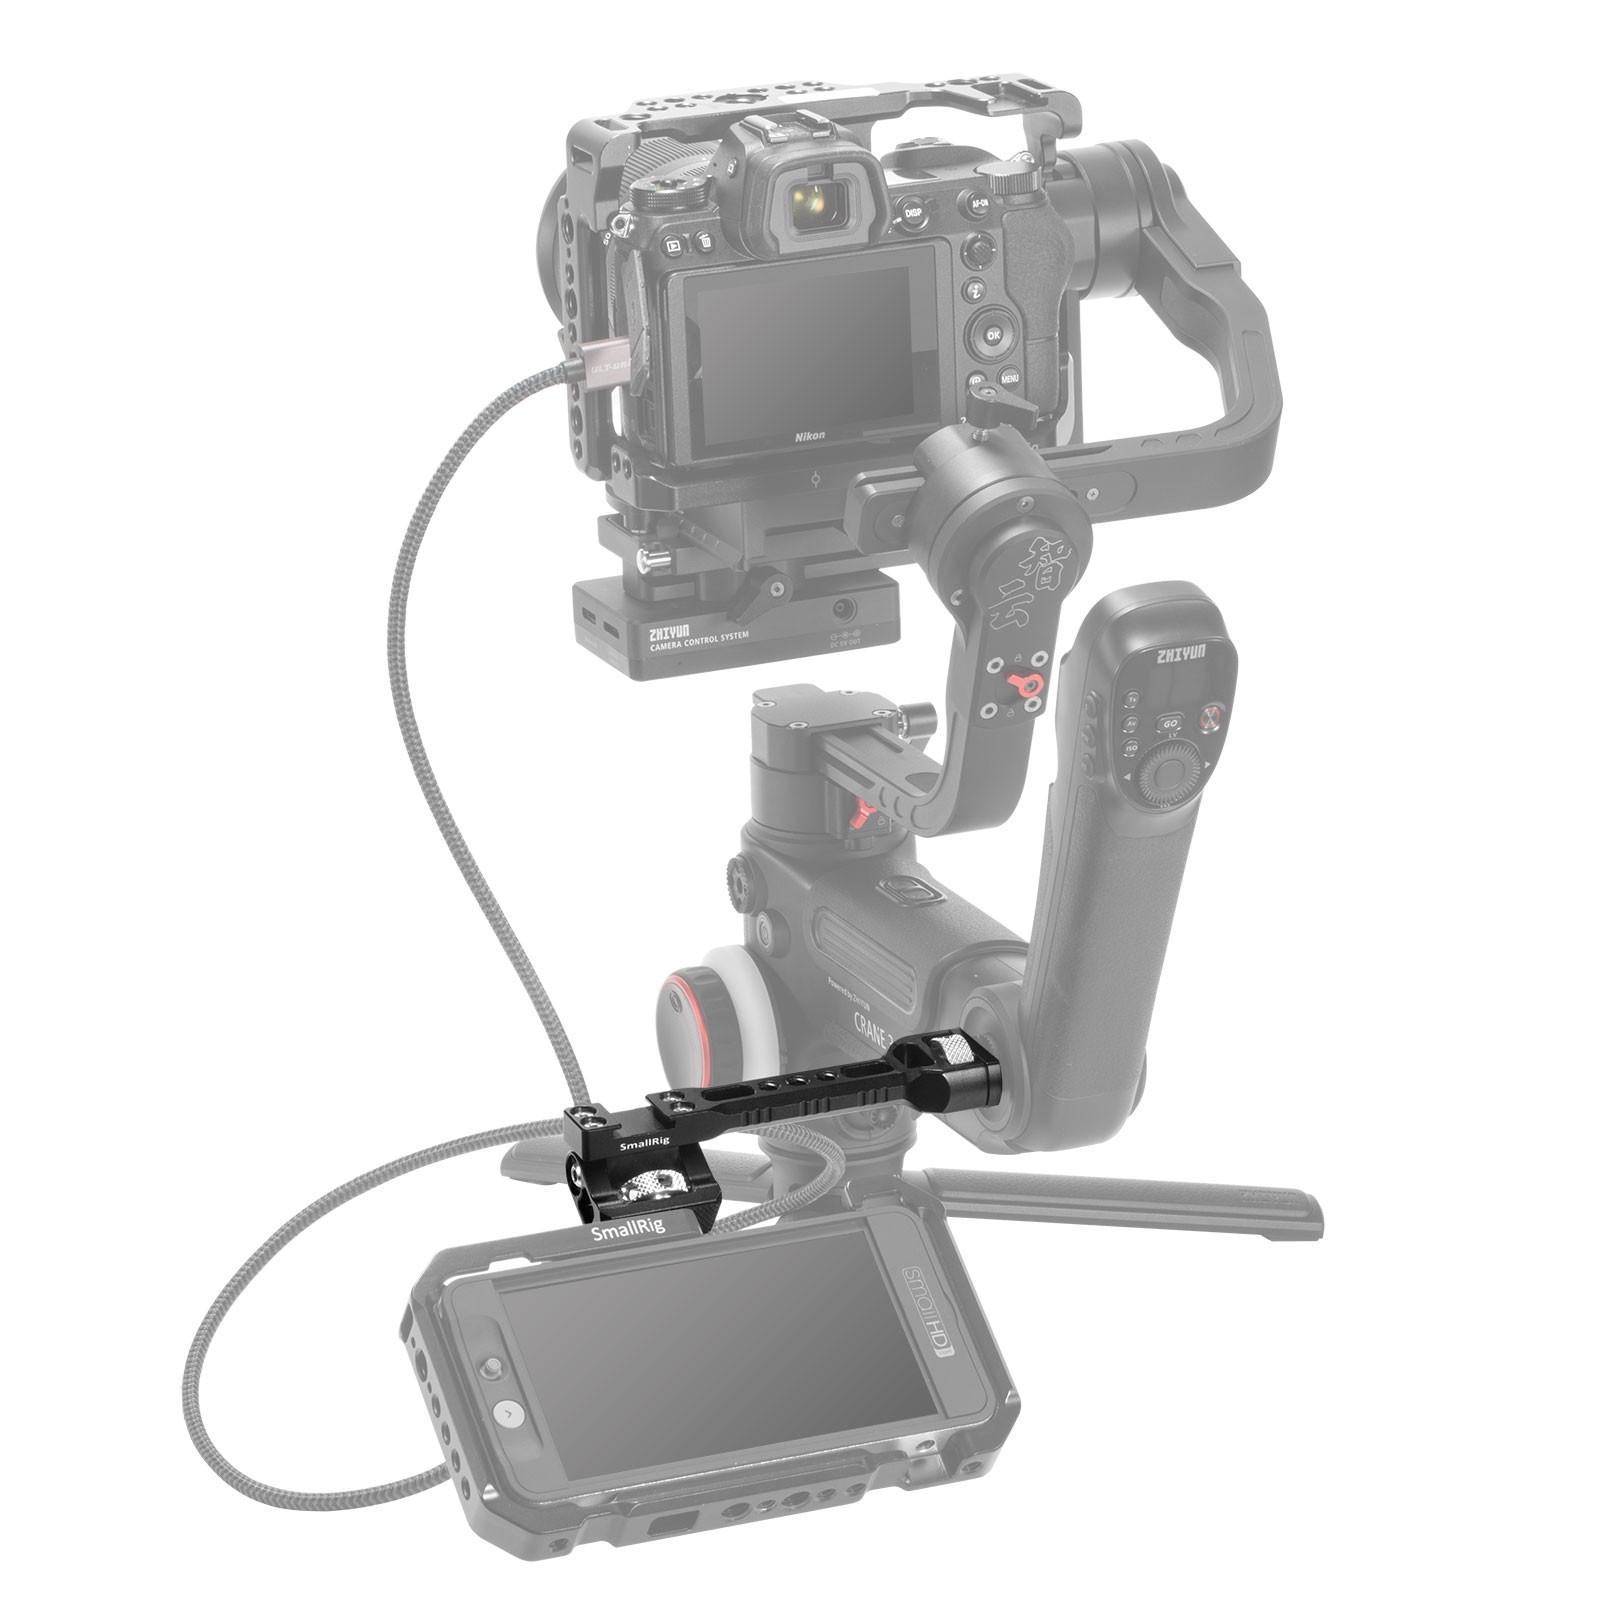 SmallRig Adjustable Monitor Mount for Selected DJI & Zhiyun & Moza Handheld Gimbal Stabilizers Gimbals BSE2386